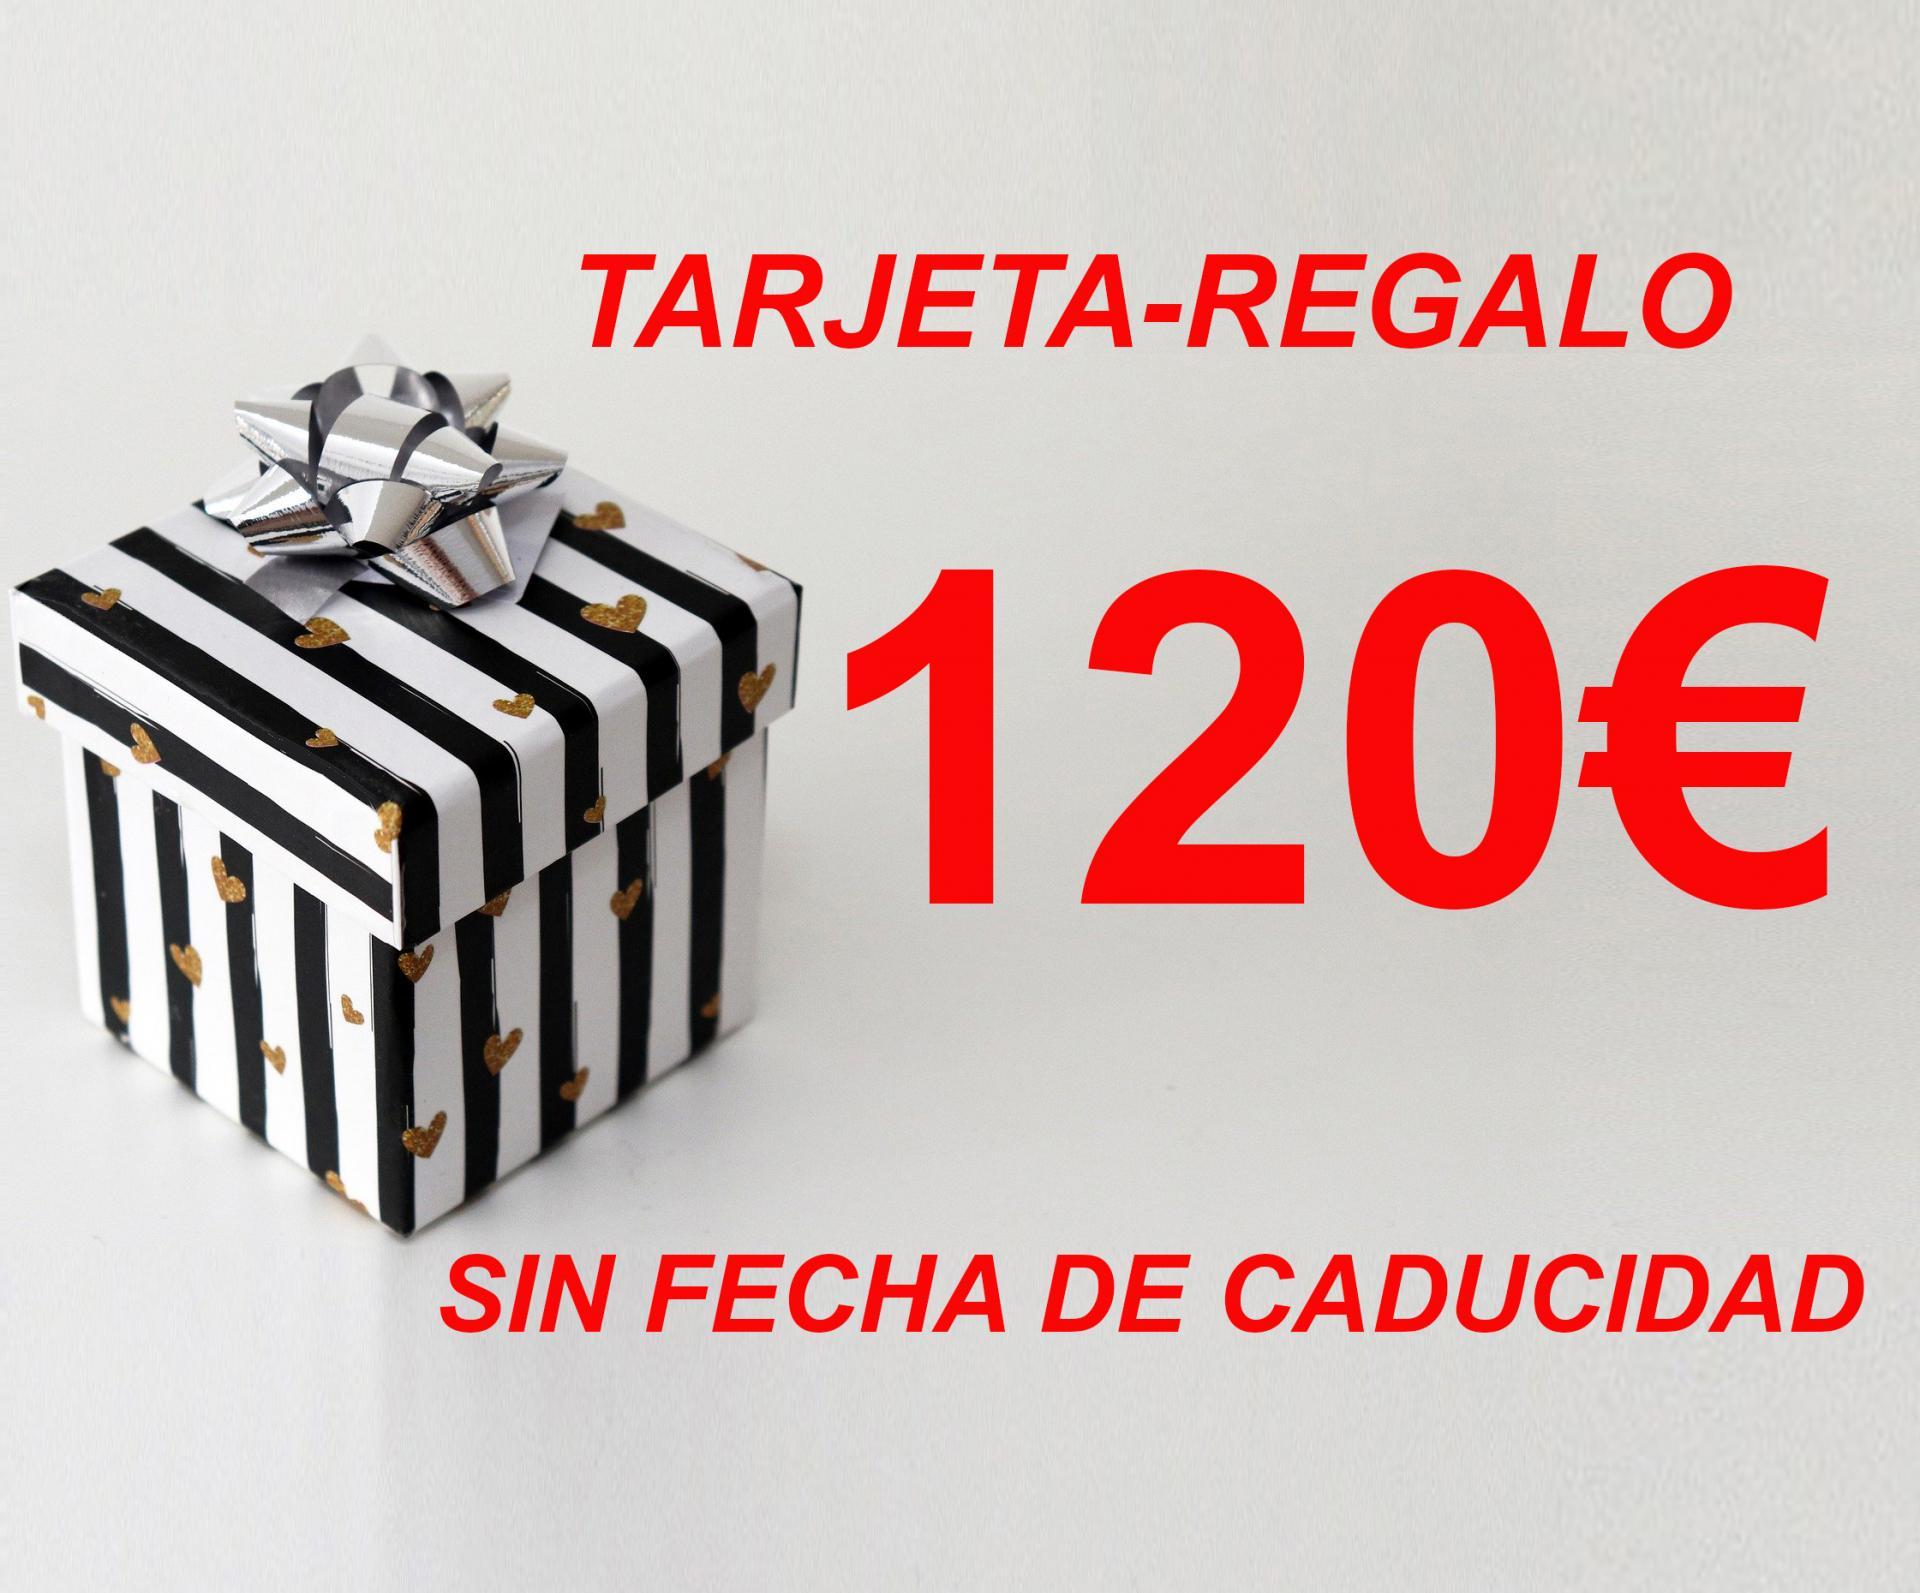 TARJETA-REGALO  120€